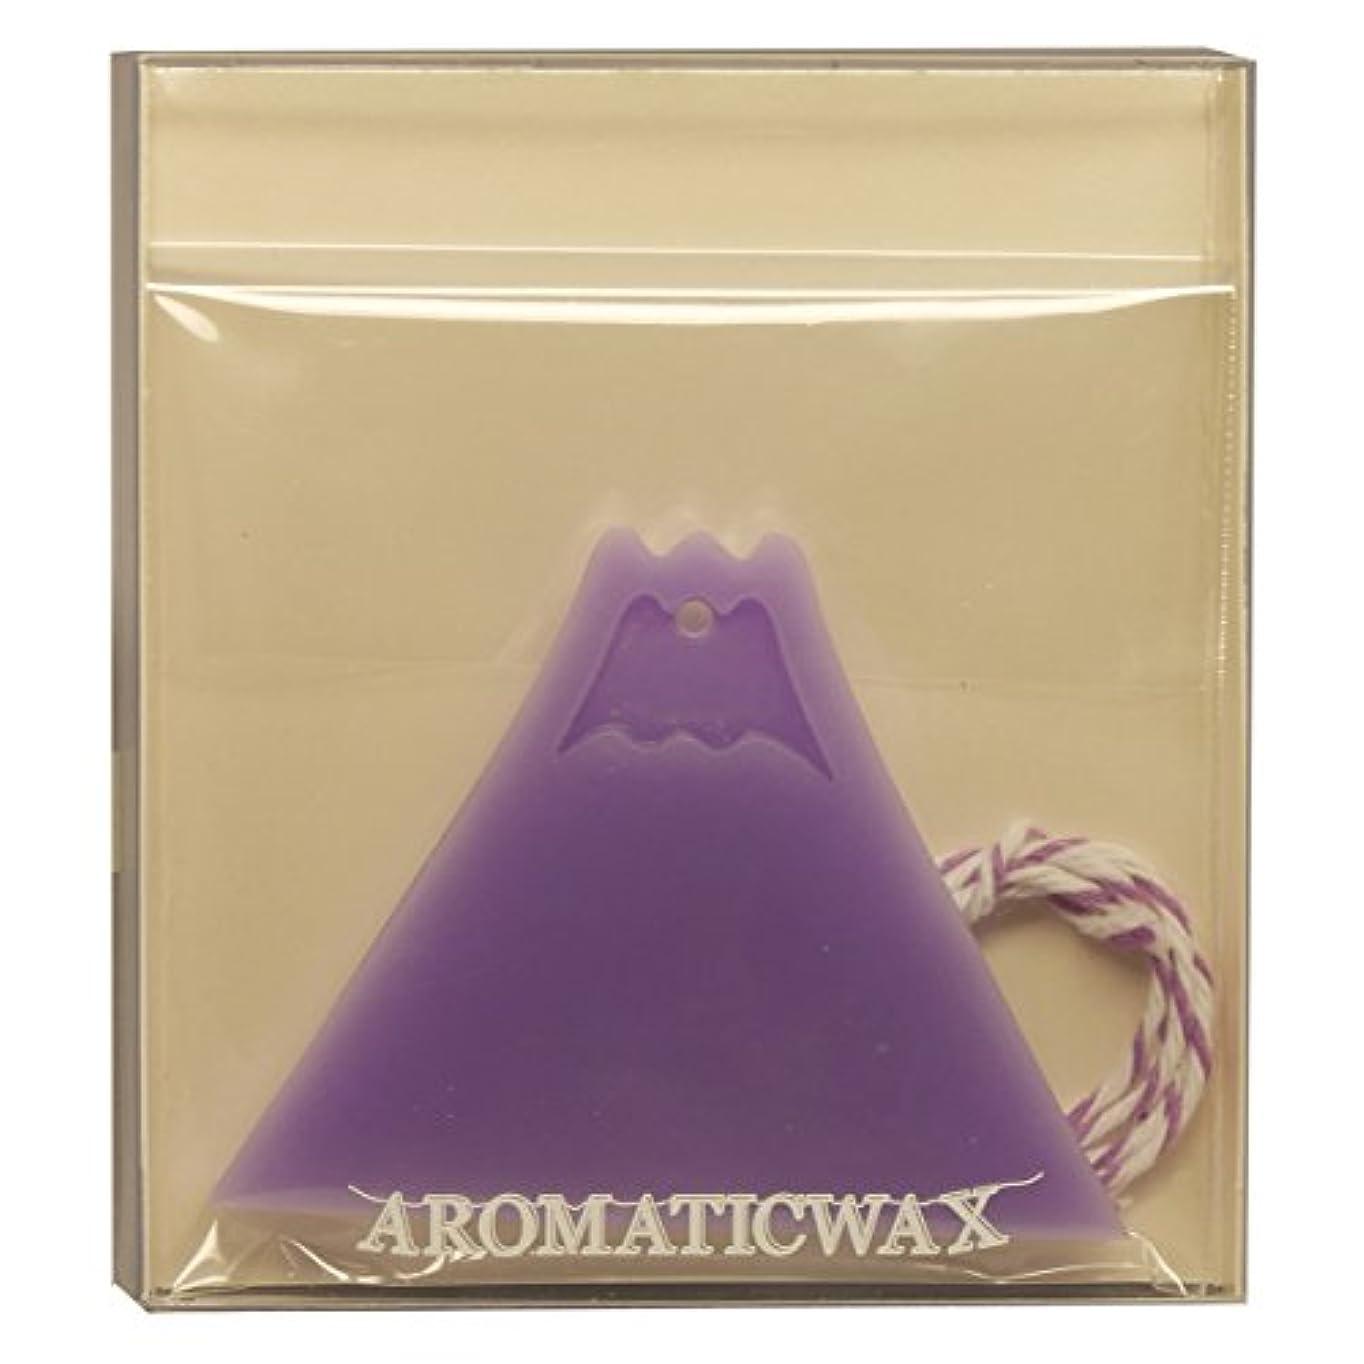 バナー食い違いリレーGRASSE TOKYO AROMATICWAXチャーム「富士山」(PU) ラベンダー アロマティックワックス グラーストウキョウ